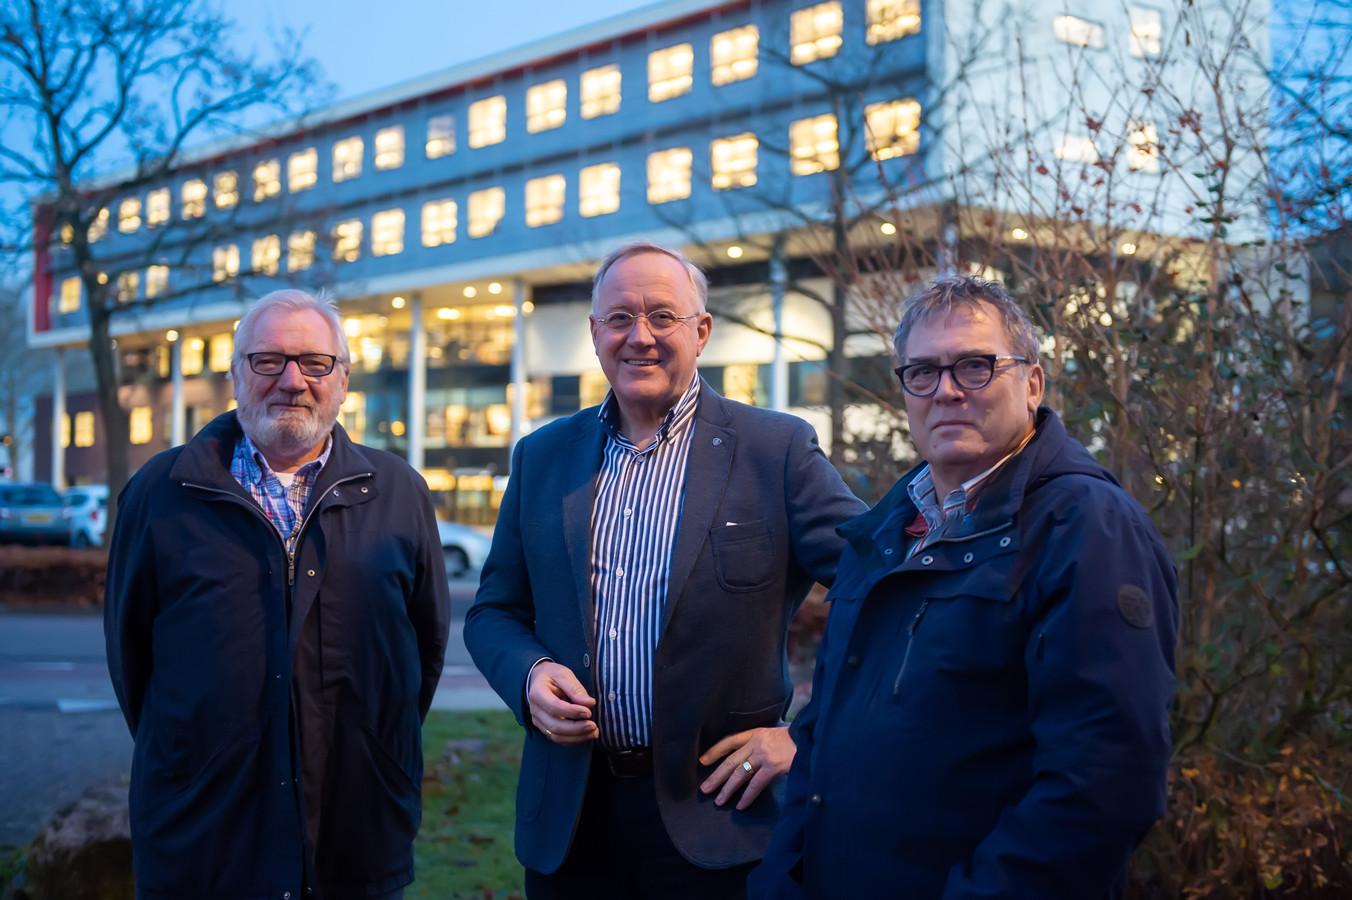 Drie bestuursleden van de maandagmiddag officieel opgerichte Stadstafel Zevenbergen: Peter Krielen, David de Jonge en Cees van Dorst (van links naar rechts).